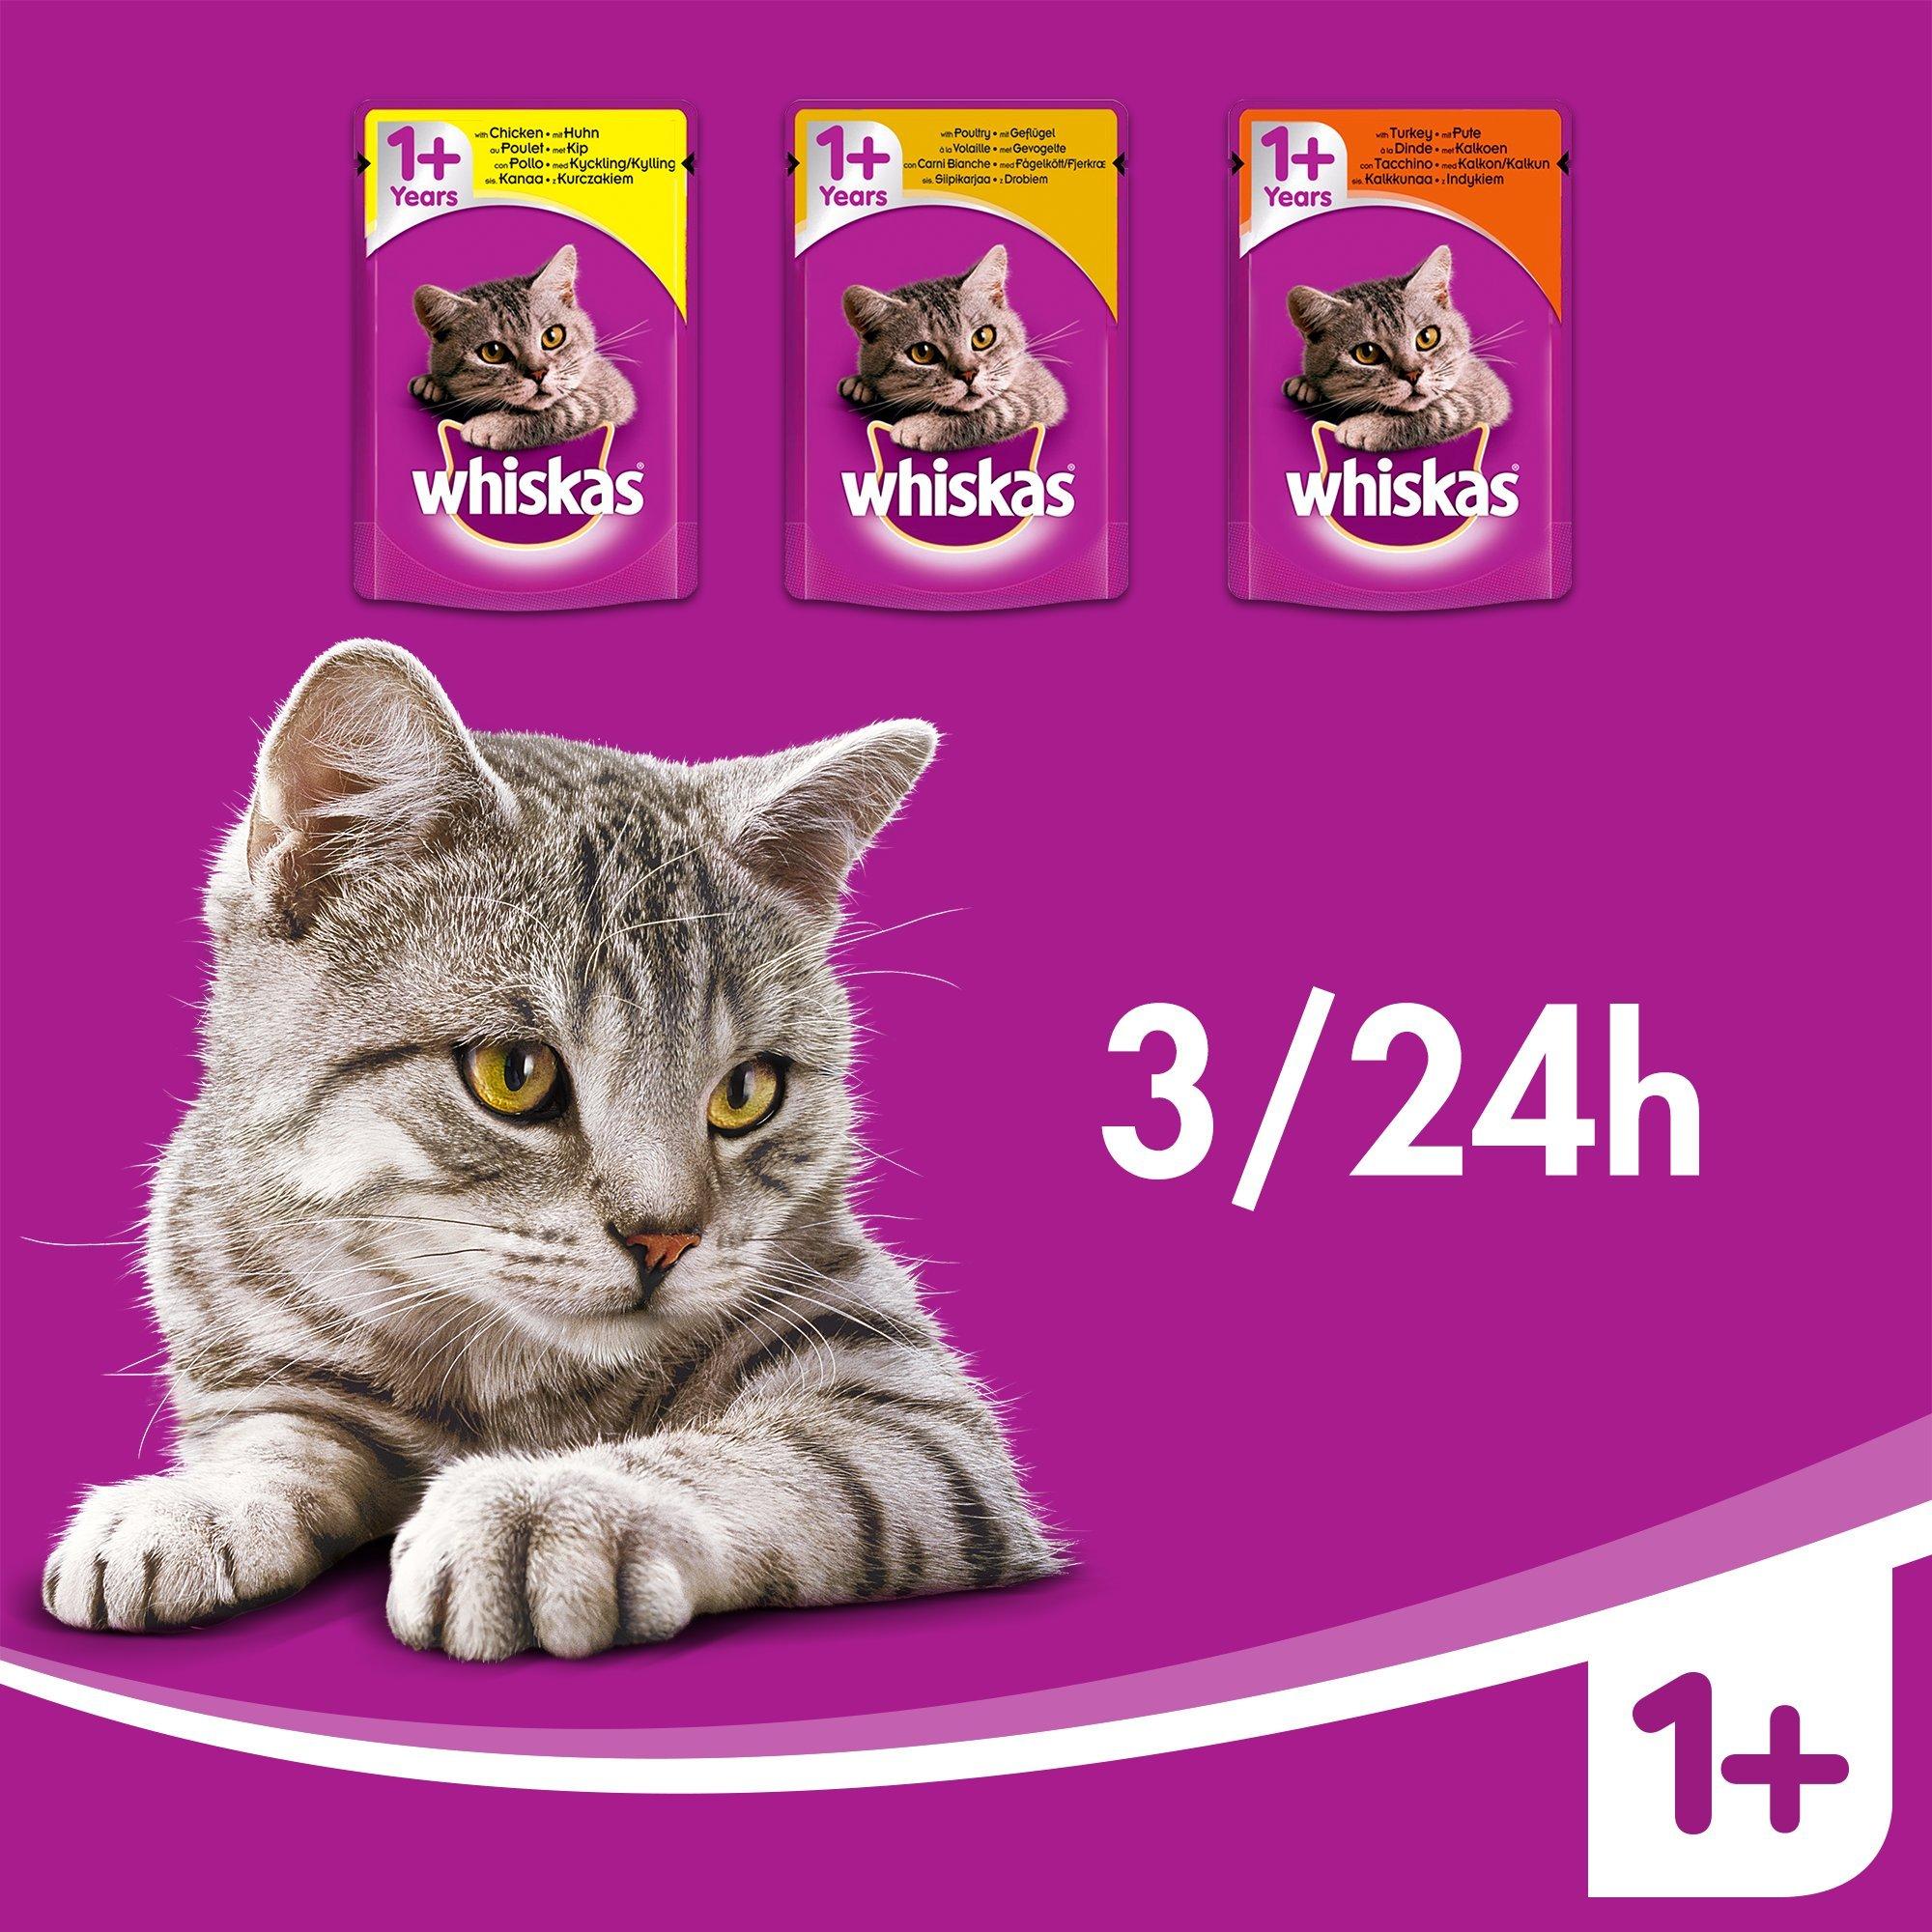 Whiskas - Bolsas de comida húmeda, deliciosa y sabrosa selección de aves en gelatina, adecuada para gatos de 1 a 1 años, mega paquete de 120 x 100 g: Amazon.es: Productos para mascotas